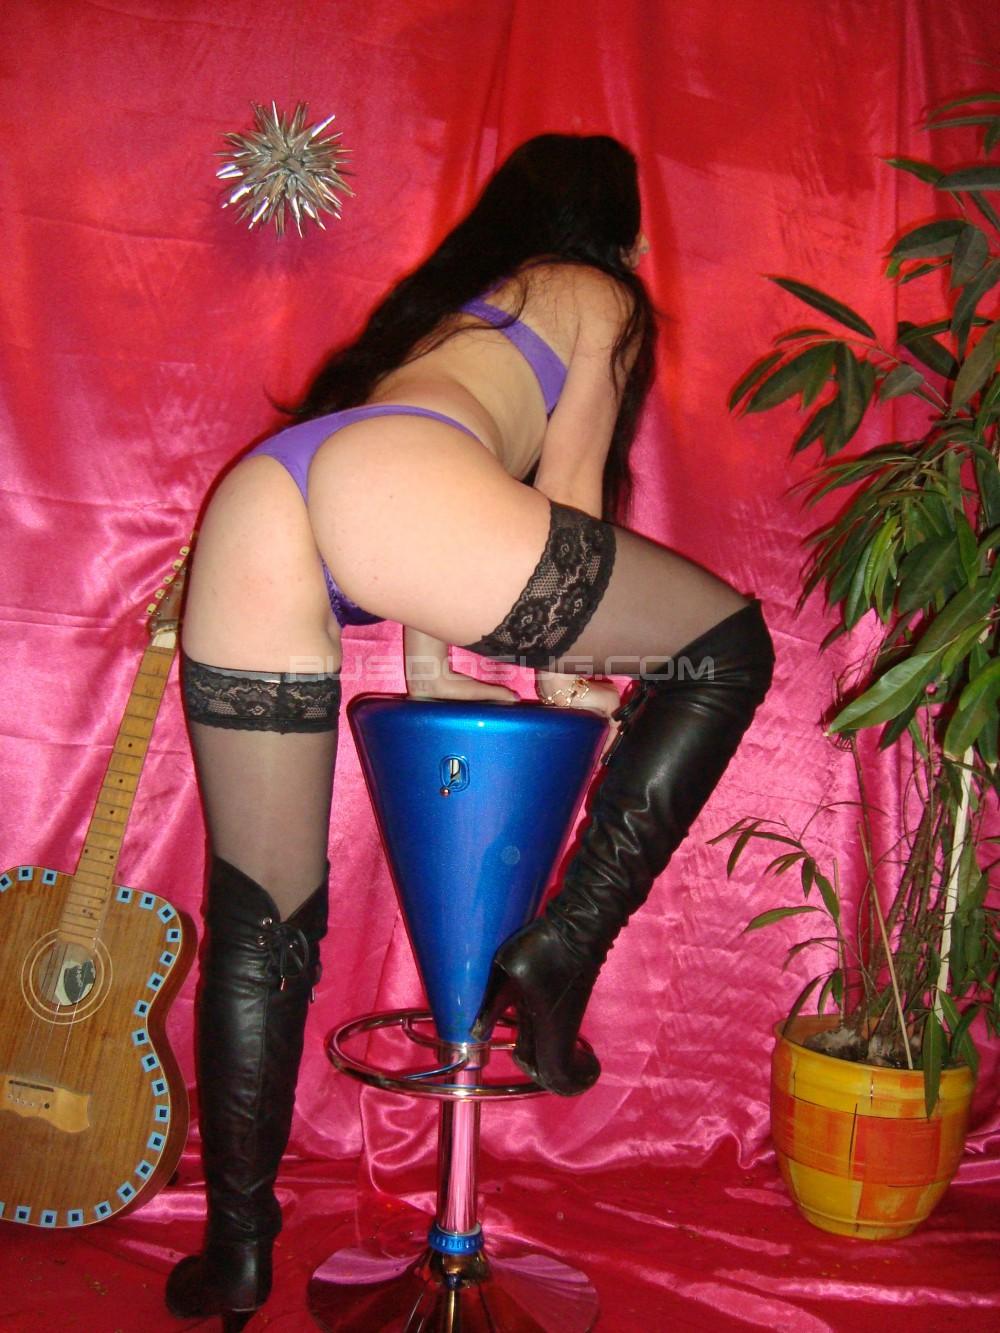 Форум севастополь проституток